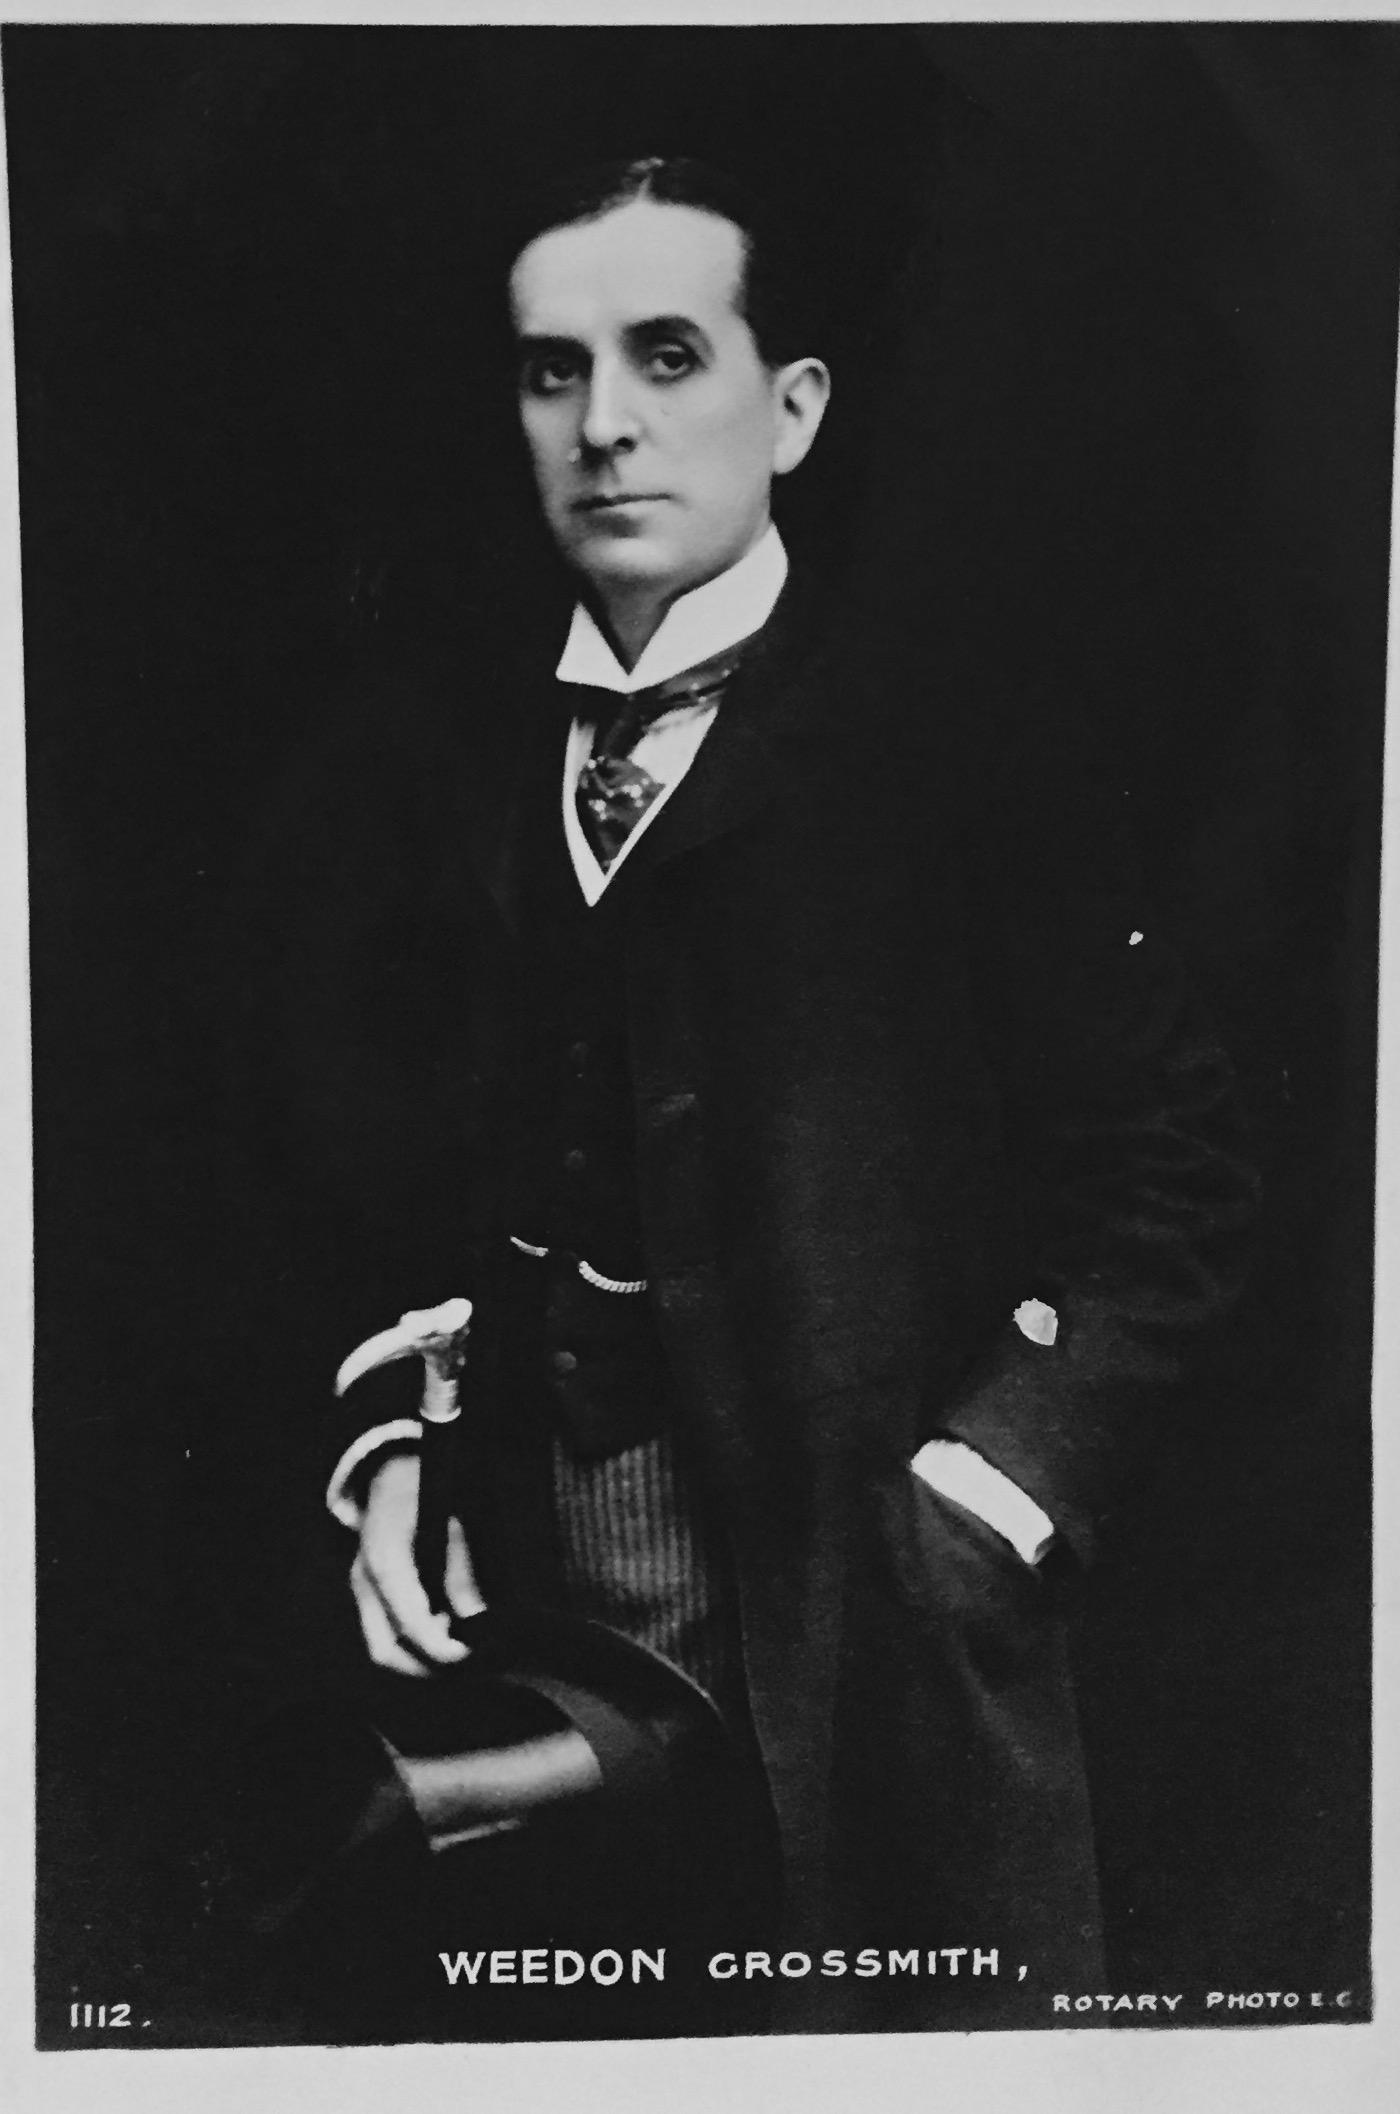 The actor Weedon Grossmith